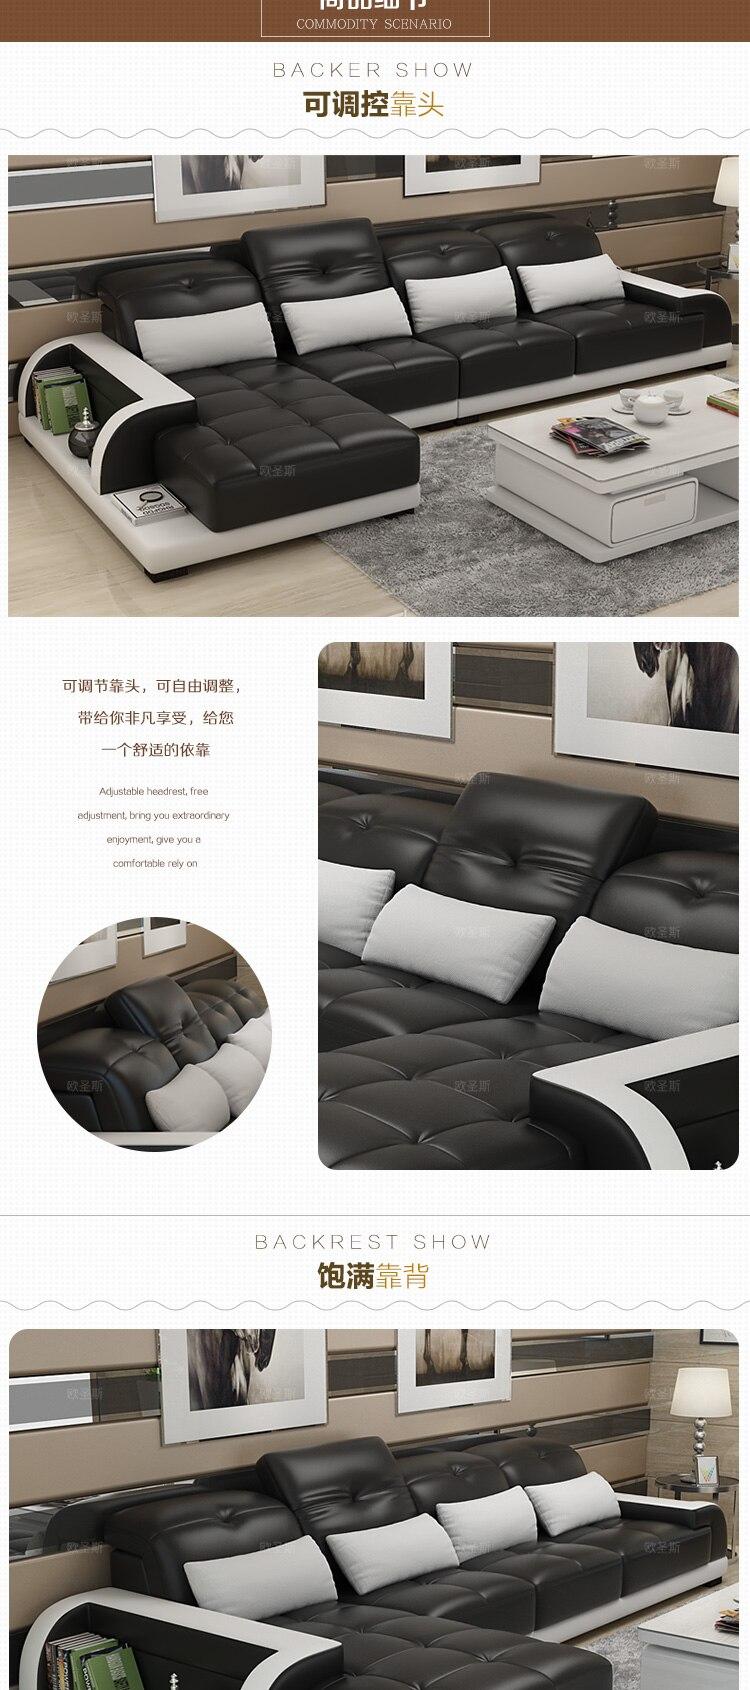 cheers barcelona noir et grand blanc couture l en forme de design moderne sectionnel en cuir de vache souple canape ensemble meubles de salon